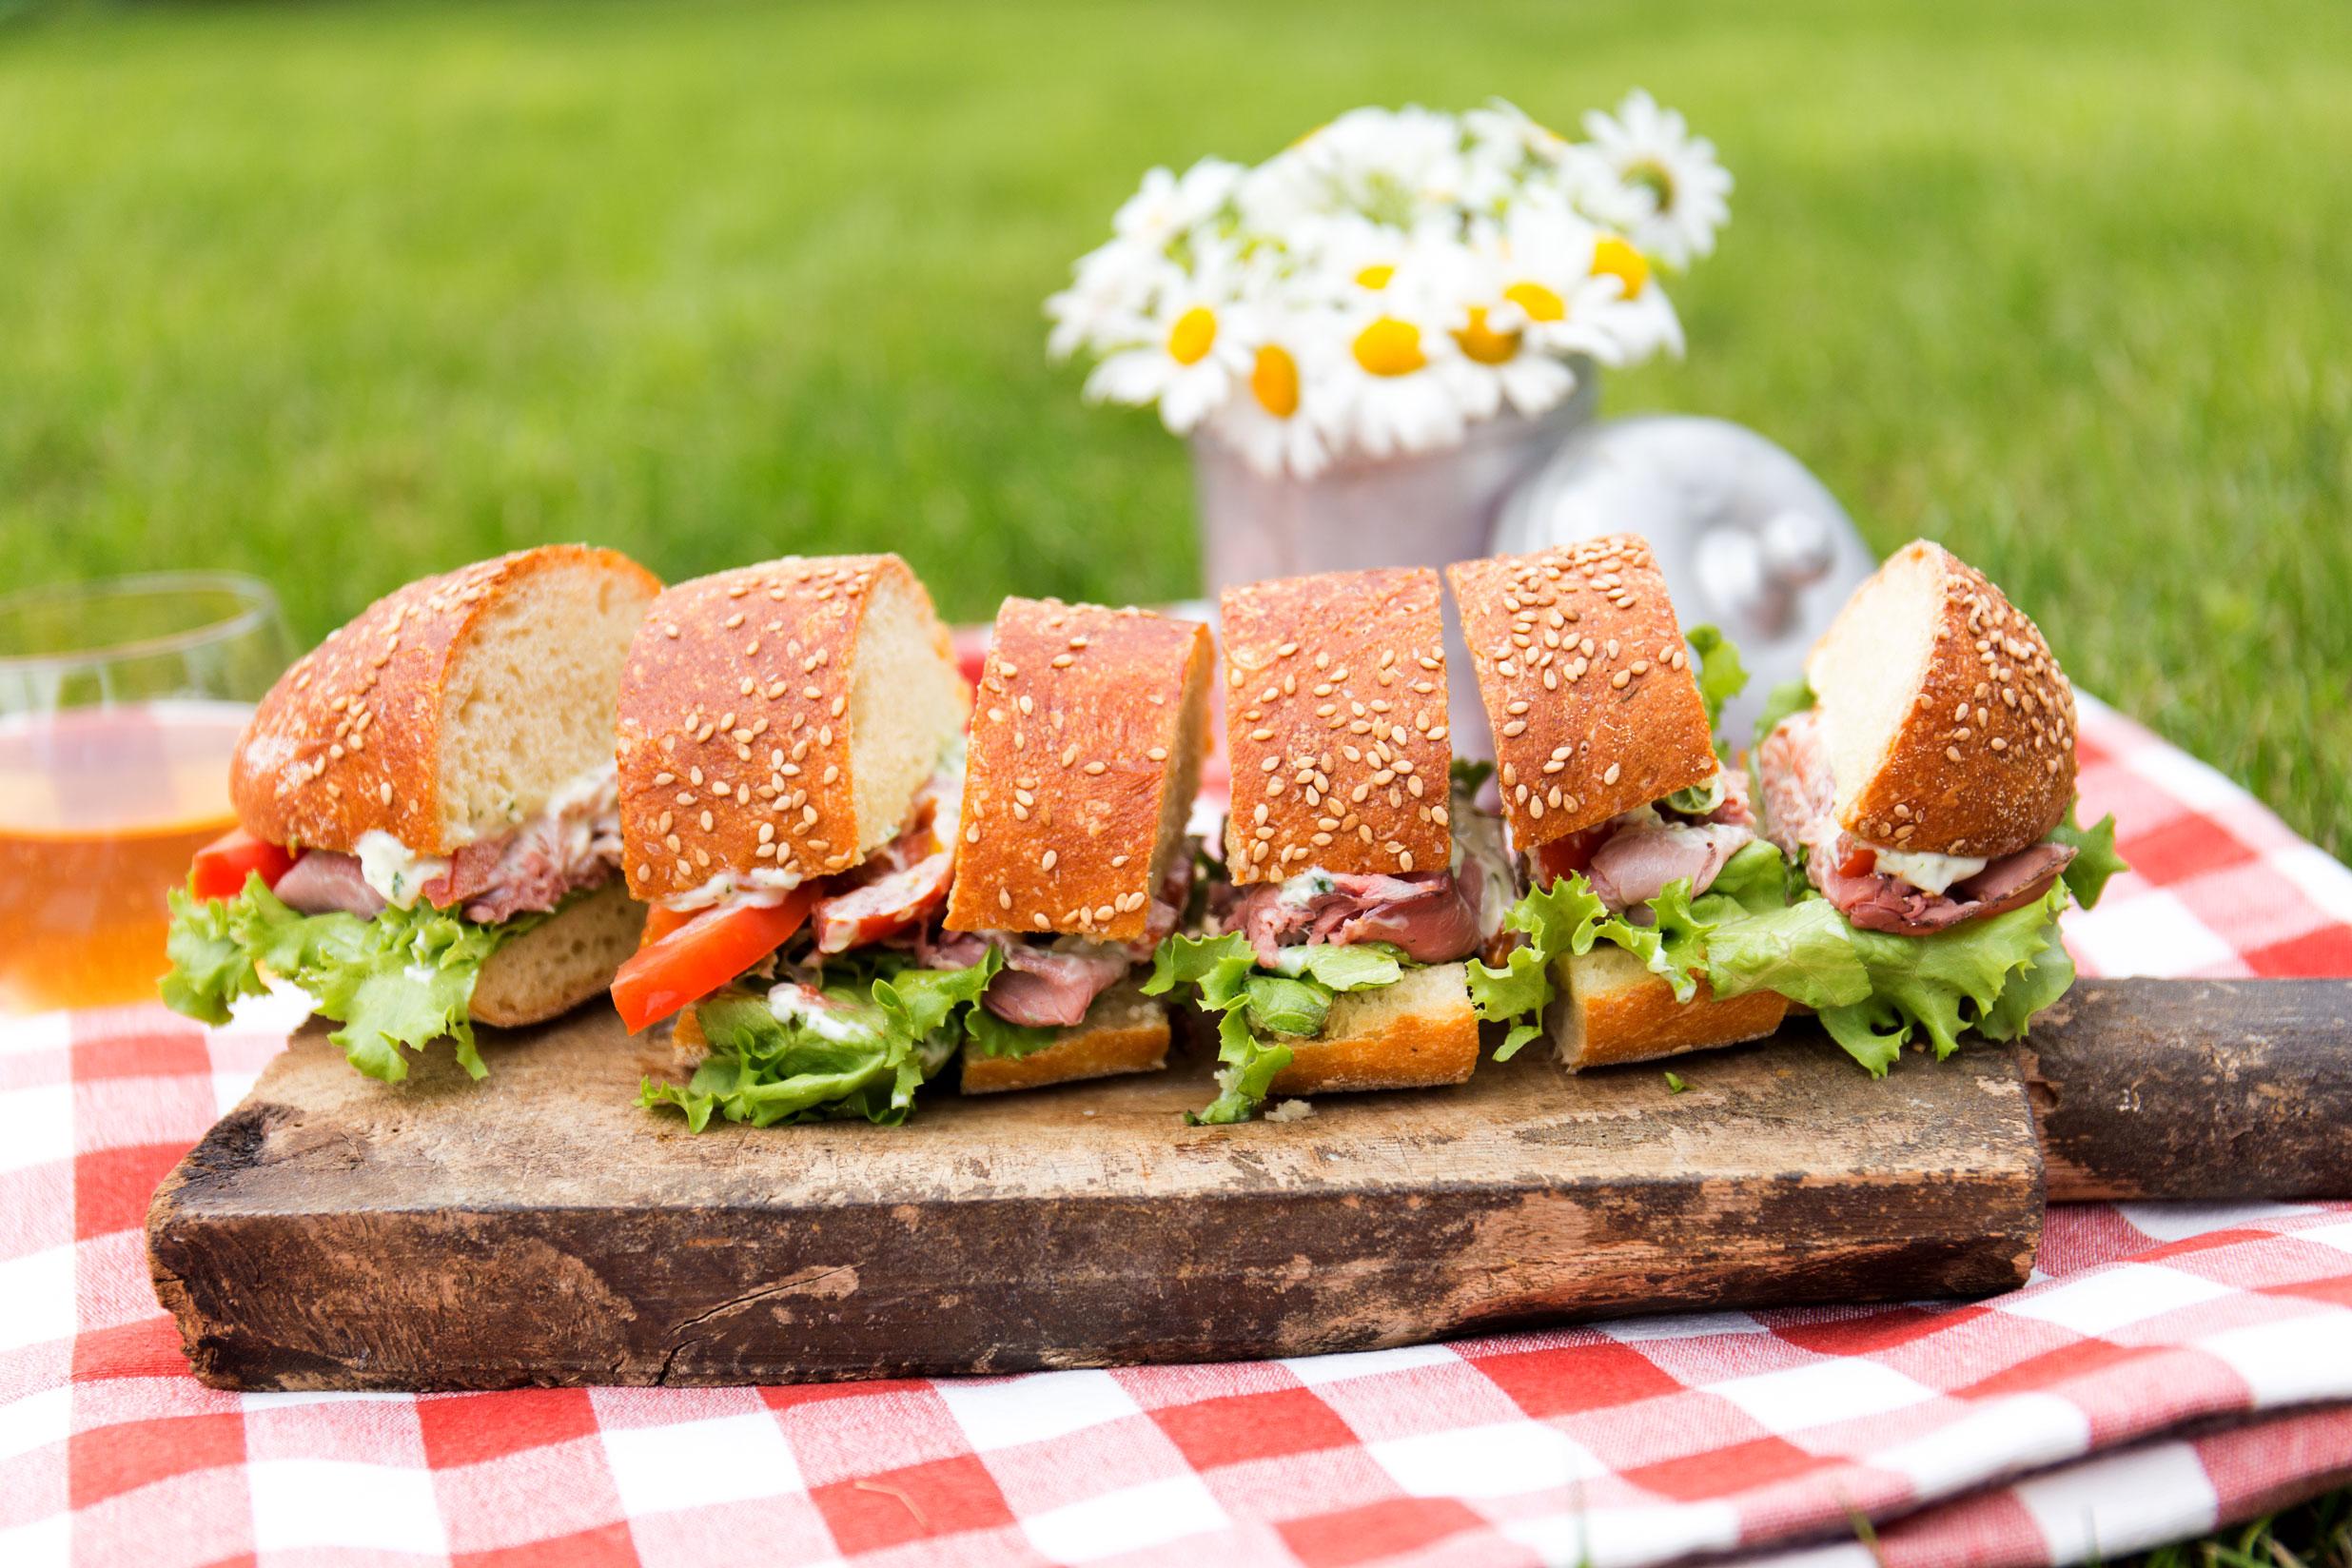 Sandwich ripieno di manzo, maionese, pomodori, insalata